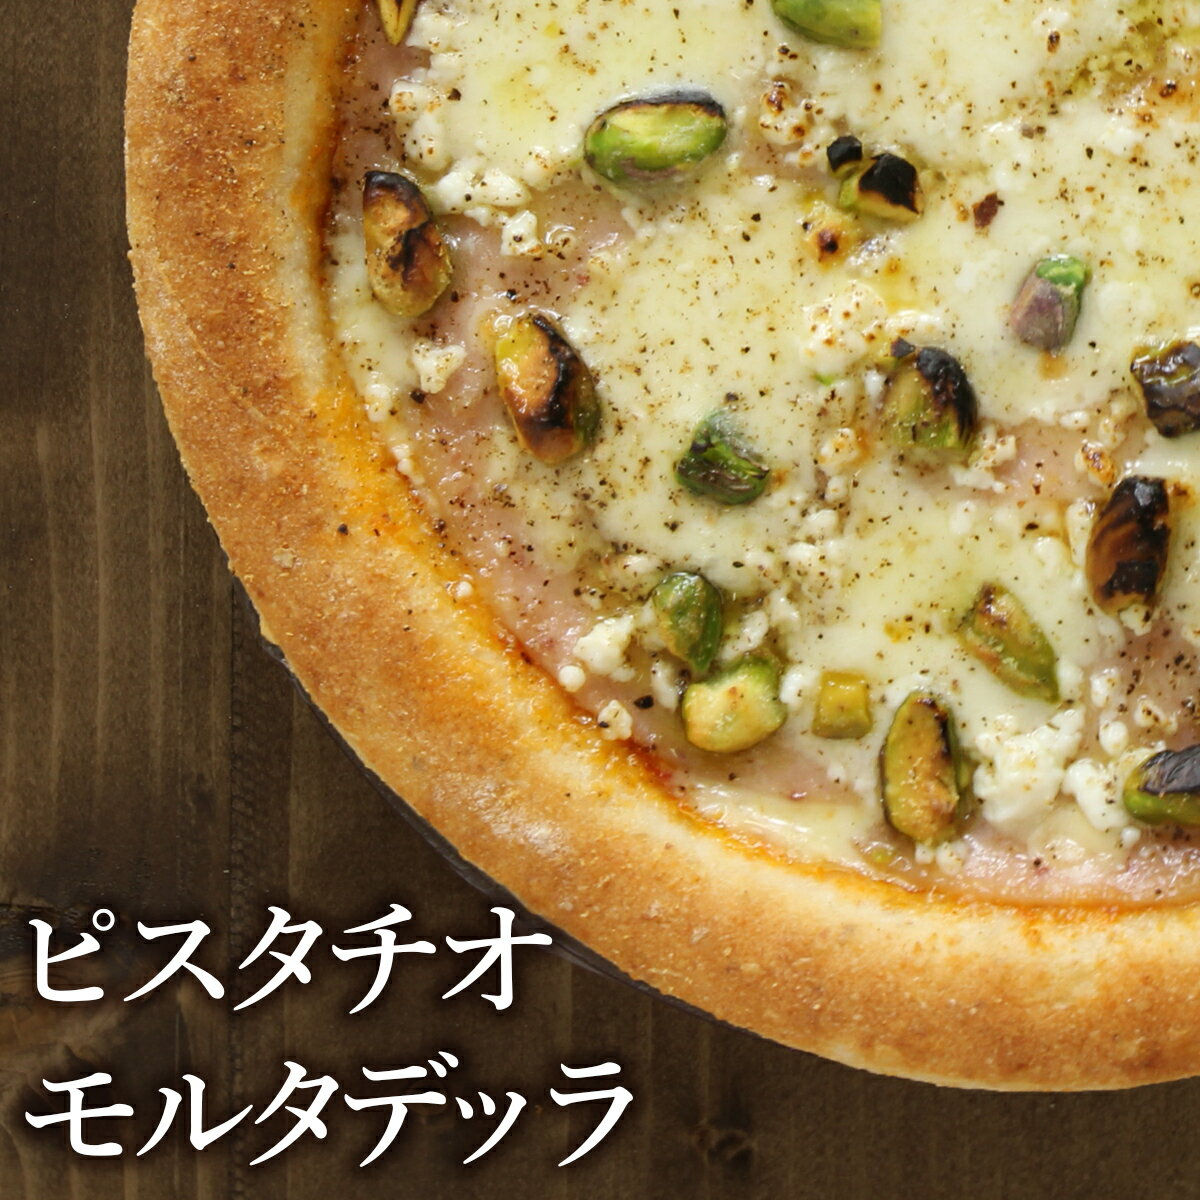 ピザ冷凍 / モルタデッラハムとピスタチオのピッツァ(モッツァレラとリコッタチーズものせて)/ さっぱりチーズ・ライ麦全粒粉ブレンド生地・直径役20cm